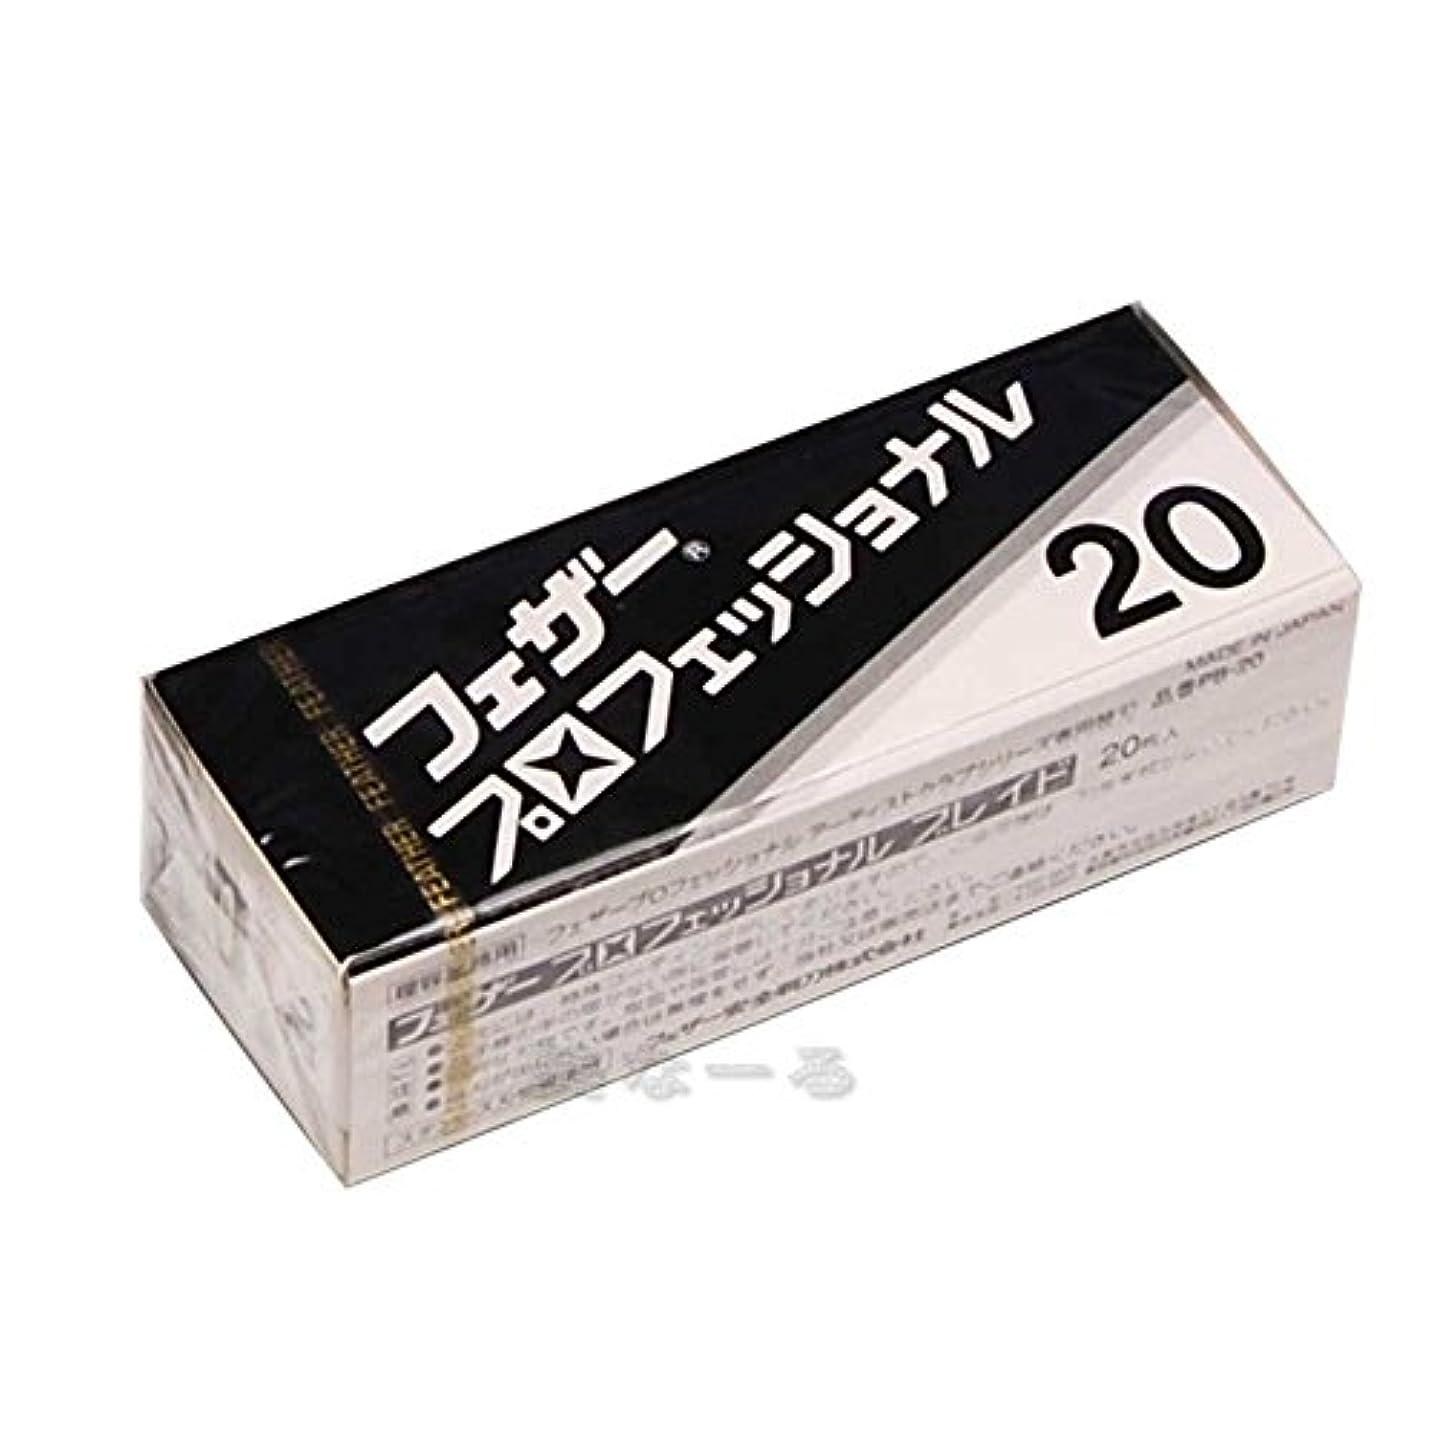 違反動アラートフェザー プロフェッショナル ブレイド PB-20 替刃 20枚入